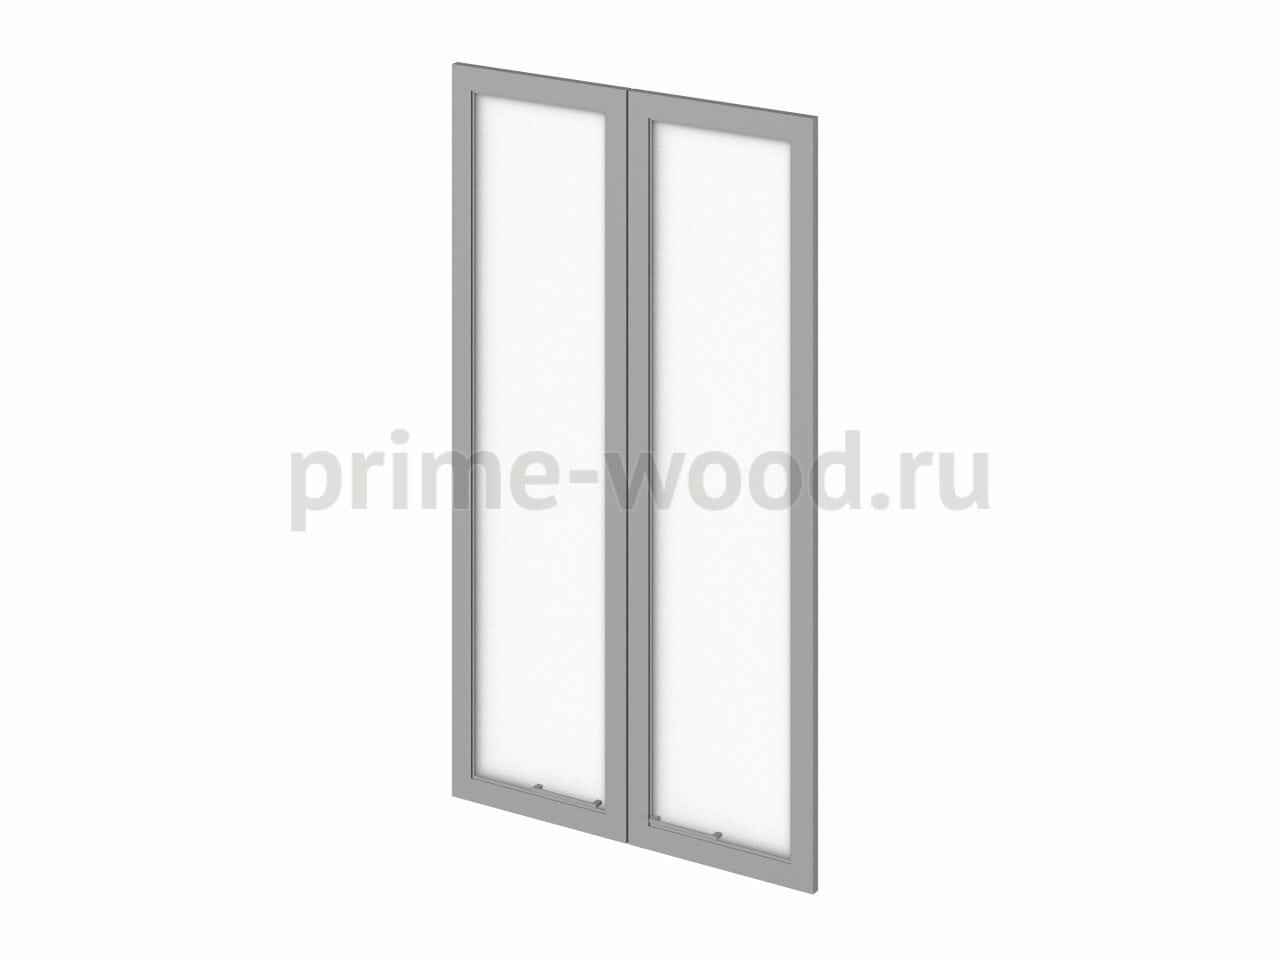 Двери средние стеклянные - фото 1